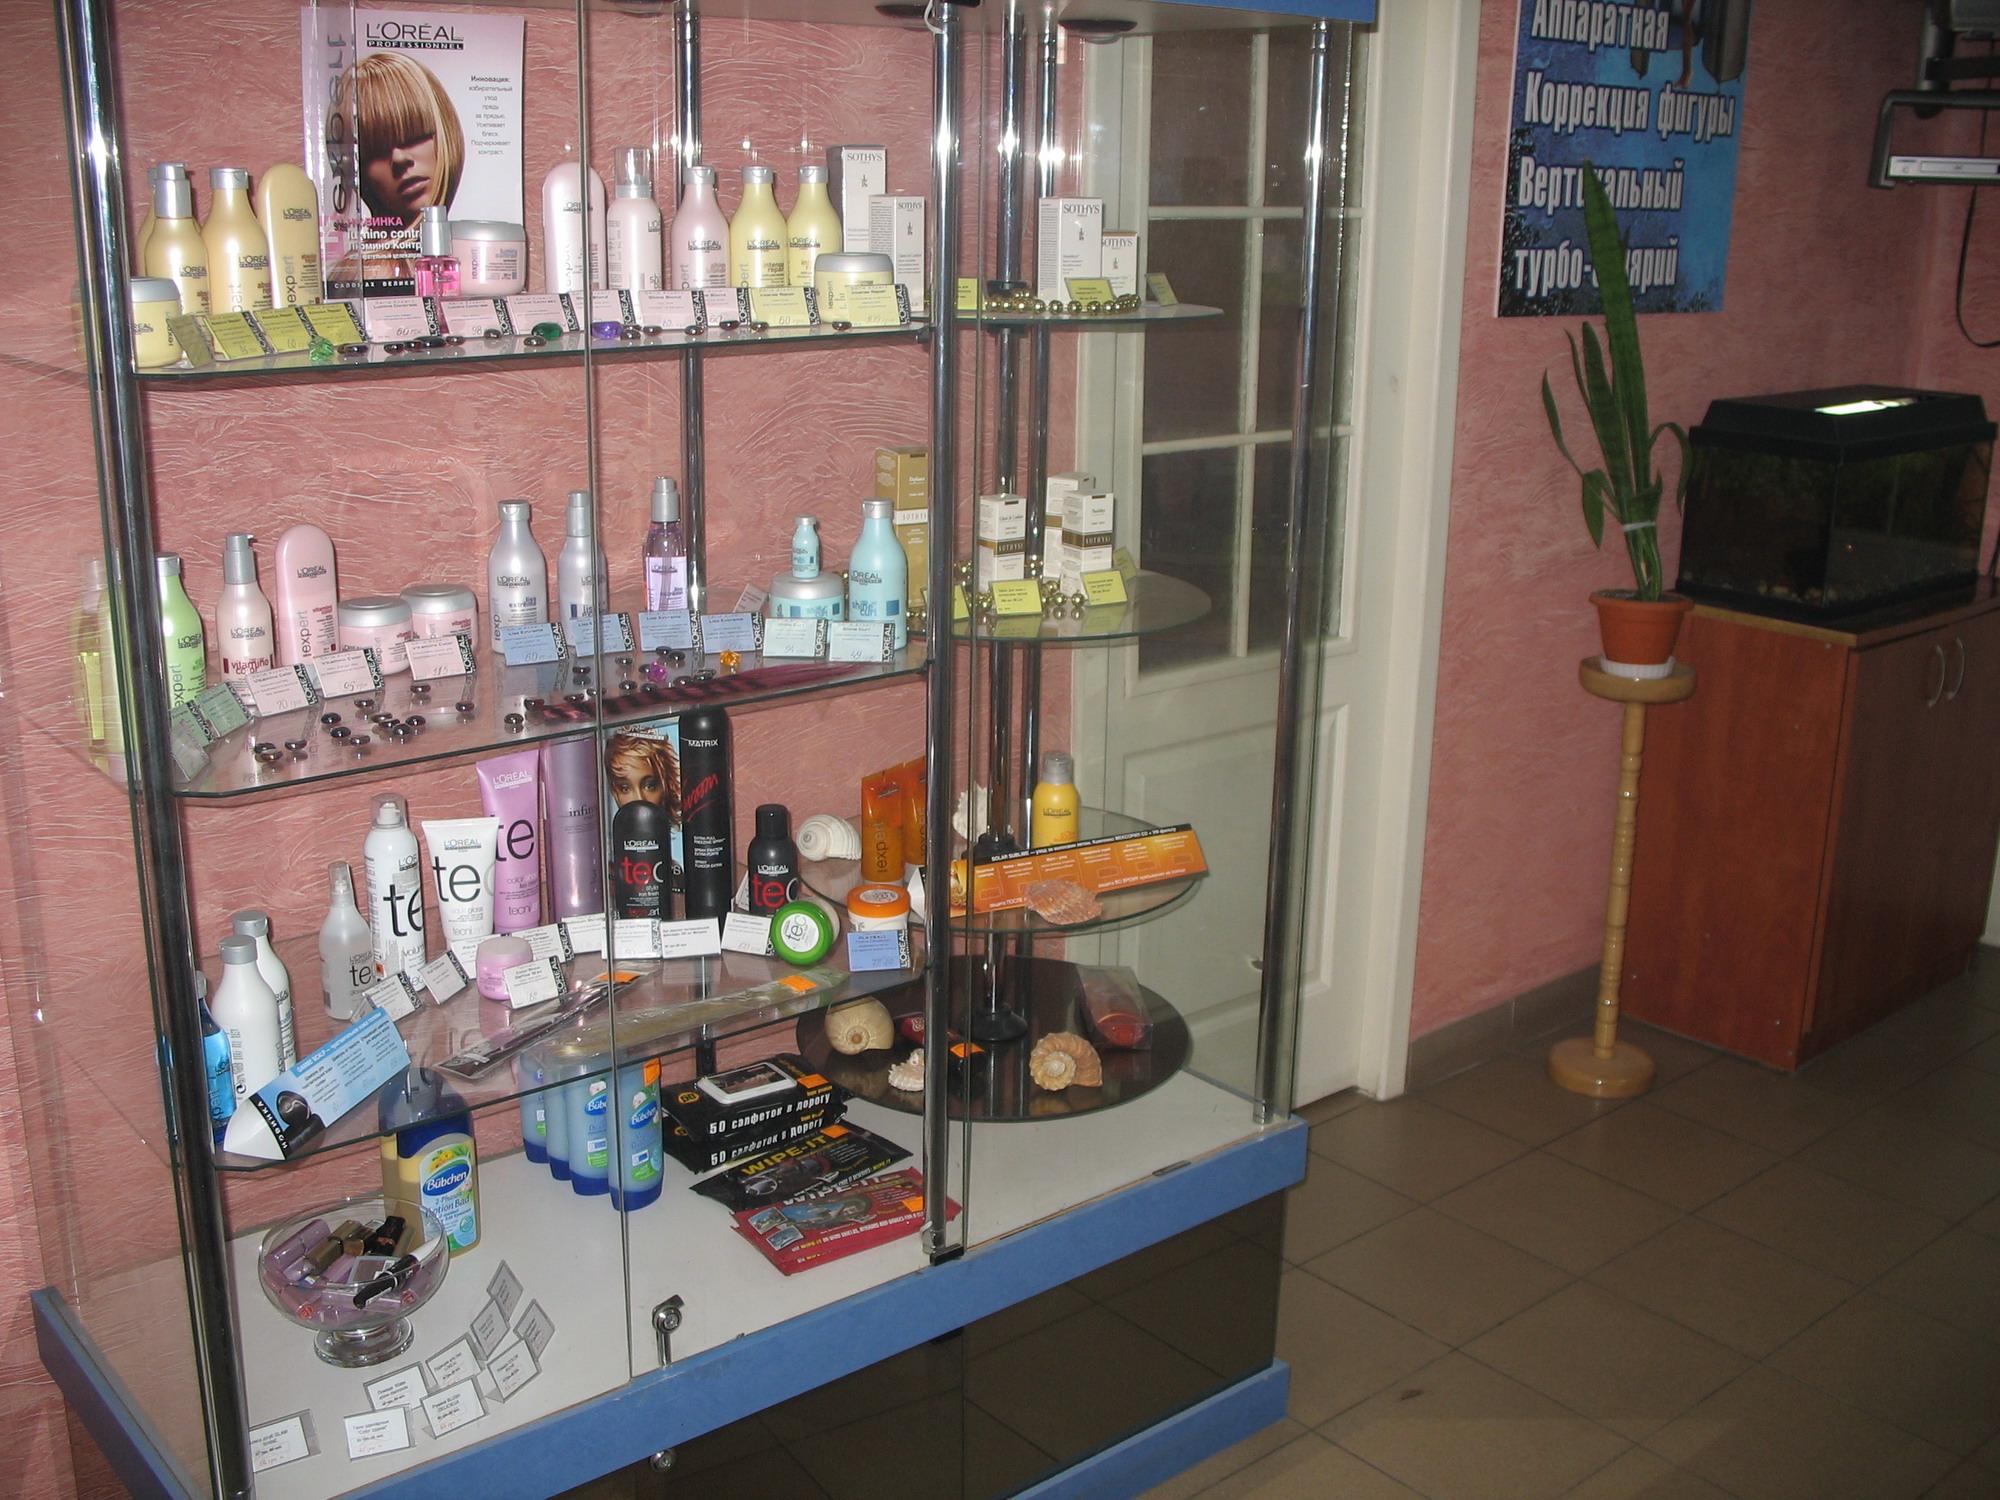 Продажа косметики в парикмахерских